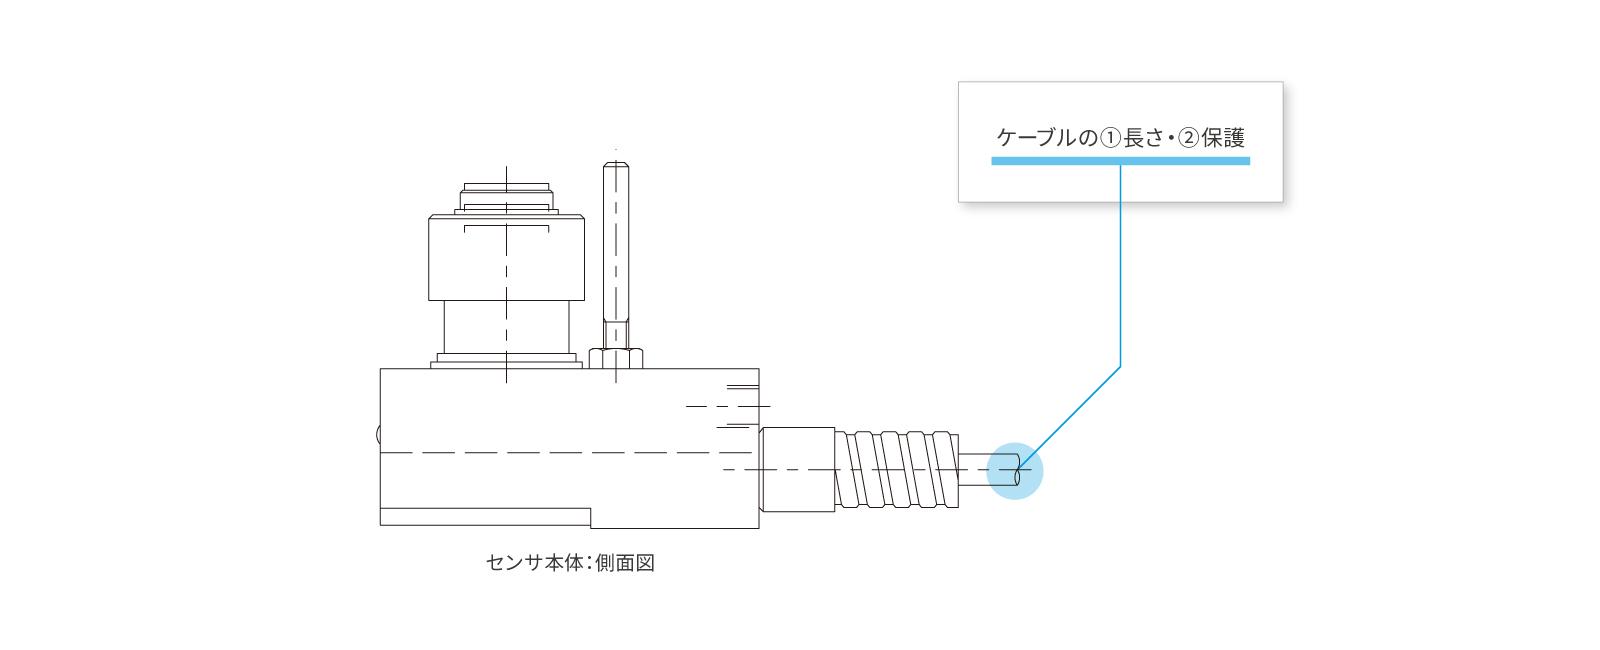 小型ミリングマシン用ツールセッター[P21シリーズ]のカスタマイズ